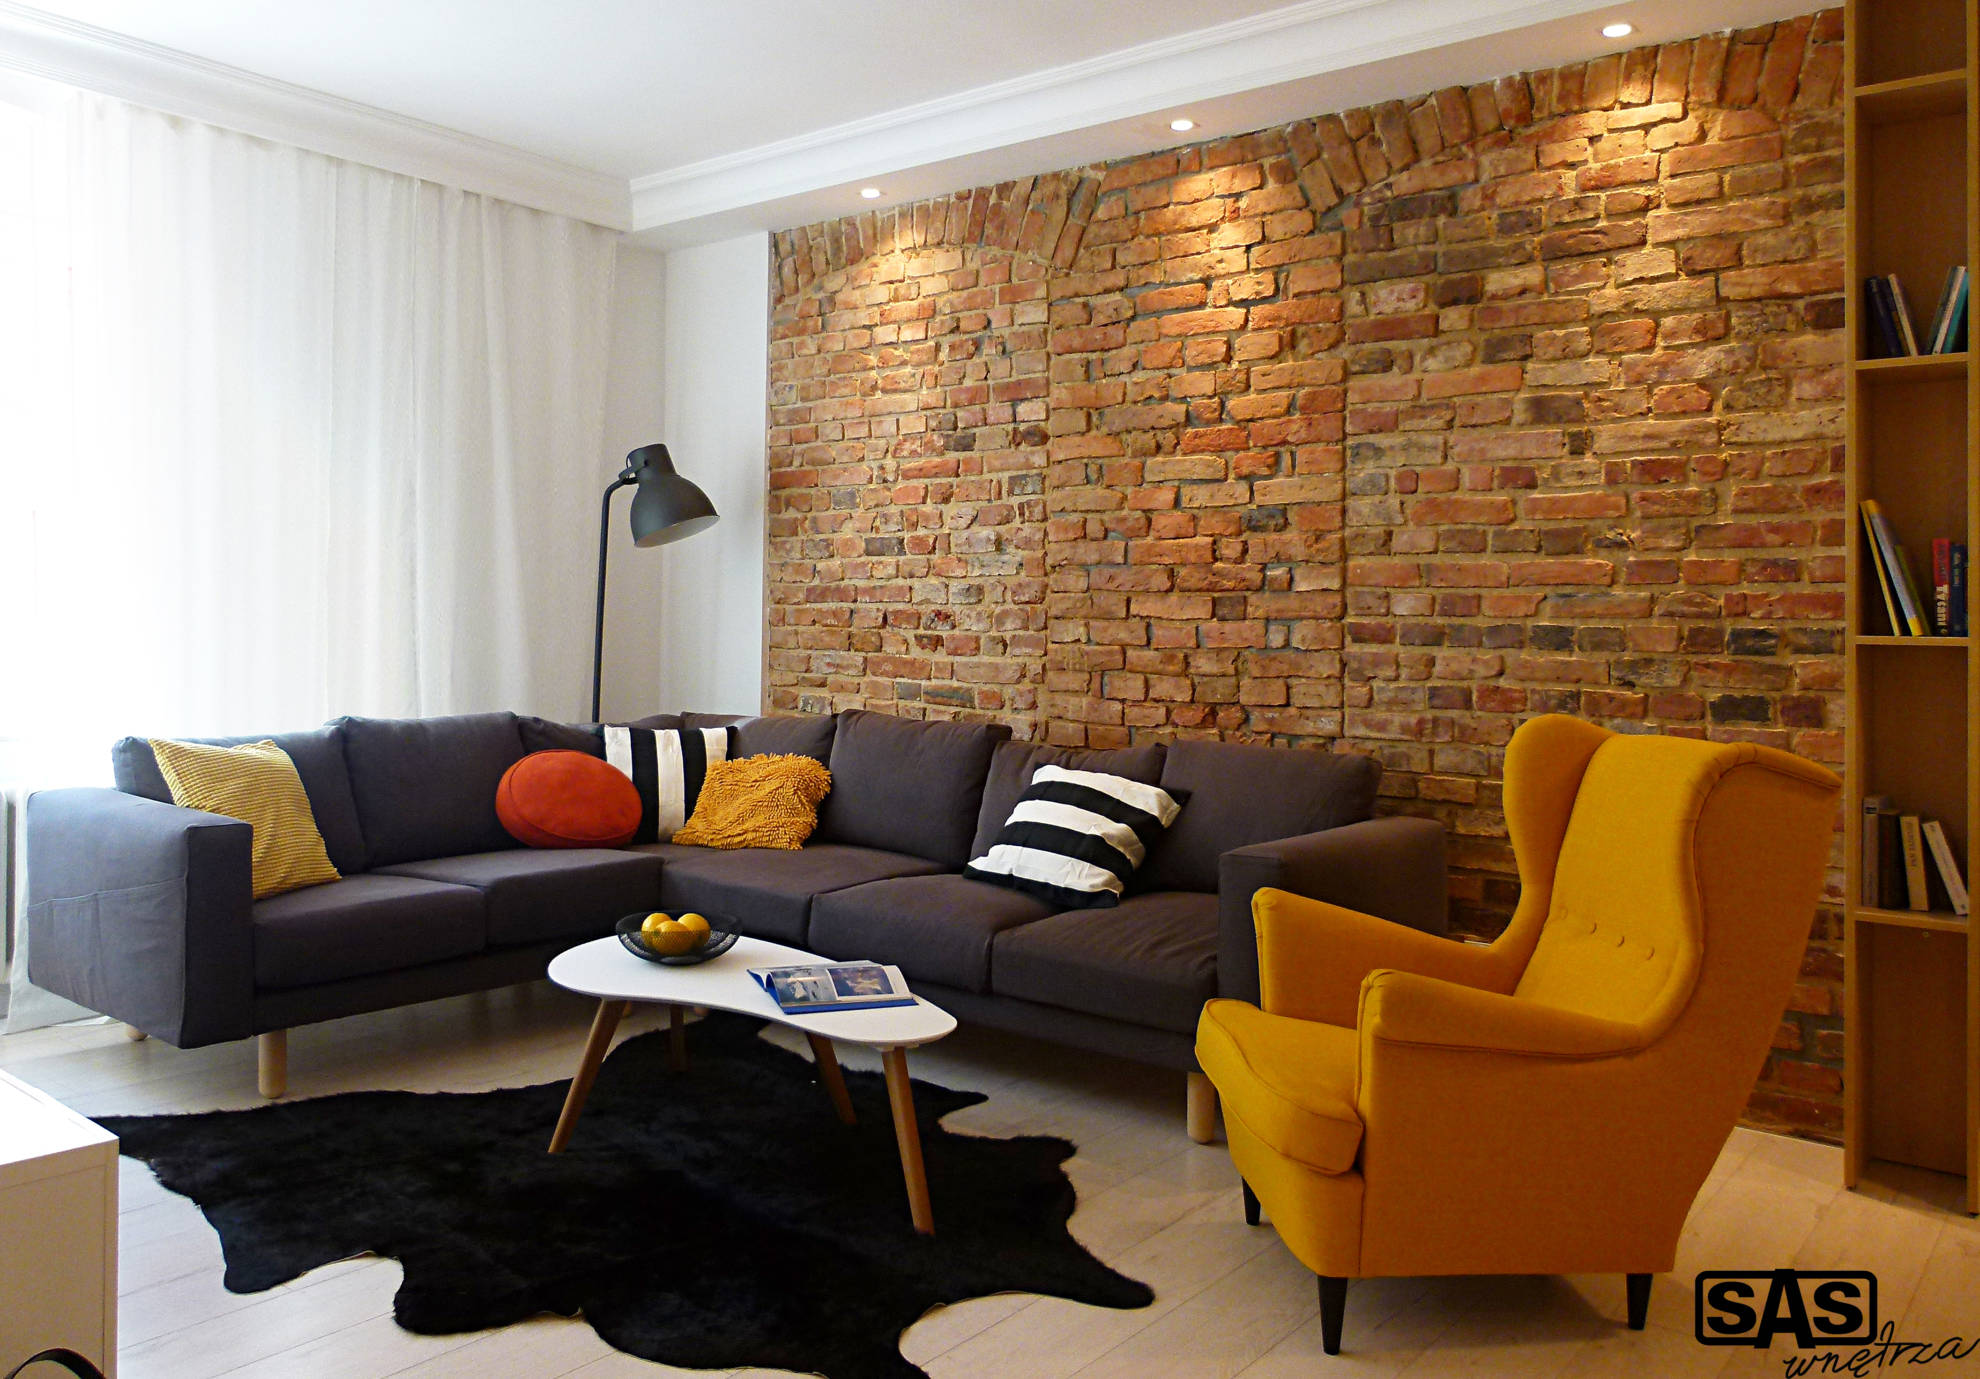 Aranżacja salonu w mieszkaniu w kamienicy - projekt architekt wnętrz Emilia Strzempek Plasun.